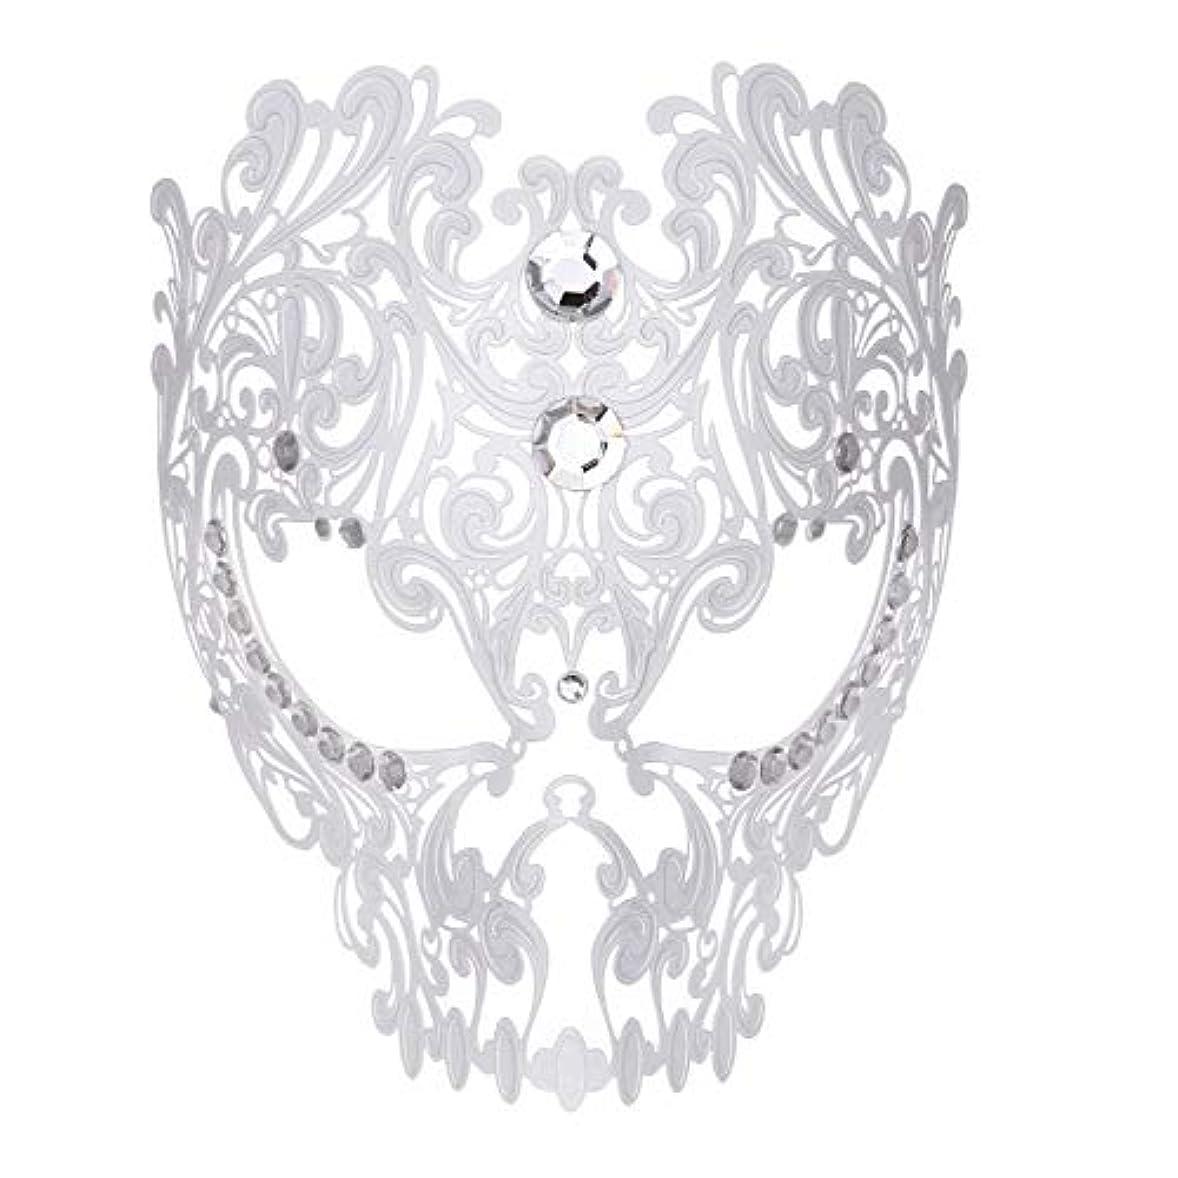 マリナー画面昨日ダンスマスク フルフェイスエナメル金属象眼細工中空マスクナイトクラブパーティーロールプレイングマスカレードマスク ホリデーパーティー用品 (色 : 白, サイズ : Universal)